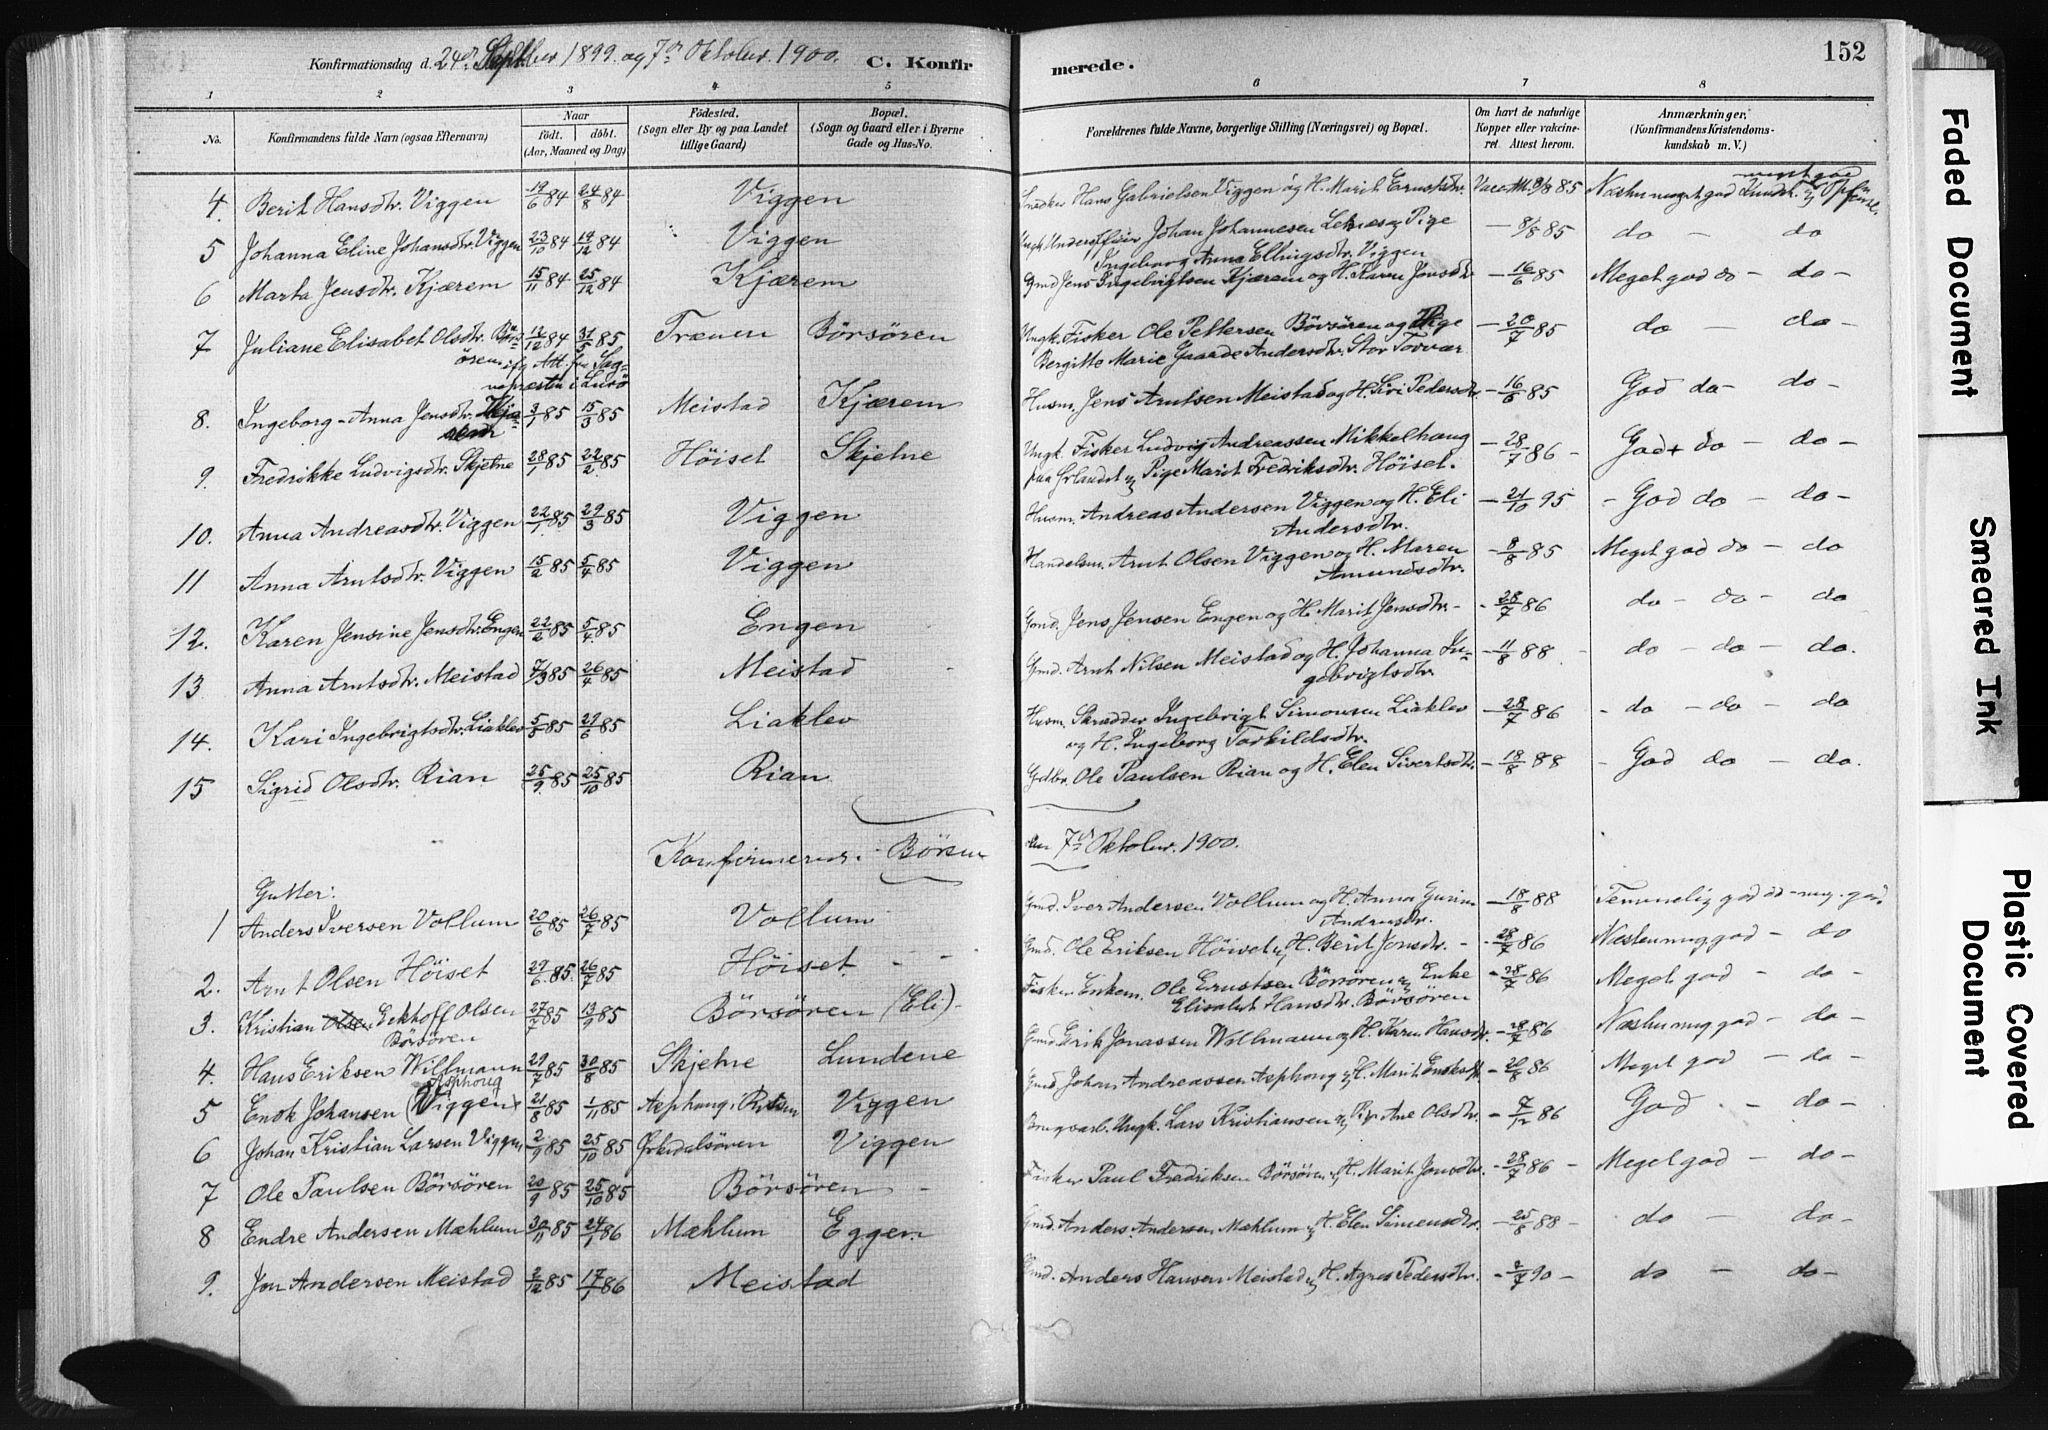 SAT, Ministerialprotokoller, klokkerbøker og fødselsregistre - Sør-Trøndelag, 665/L0773: Ministerialbok nr. 665A08, 1879-1905, s. 152